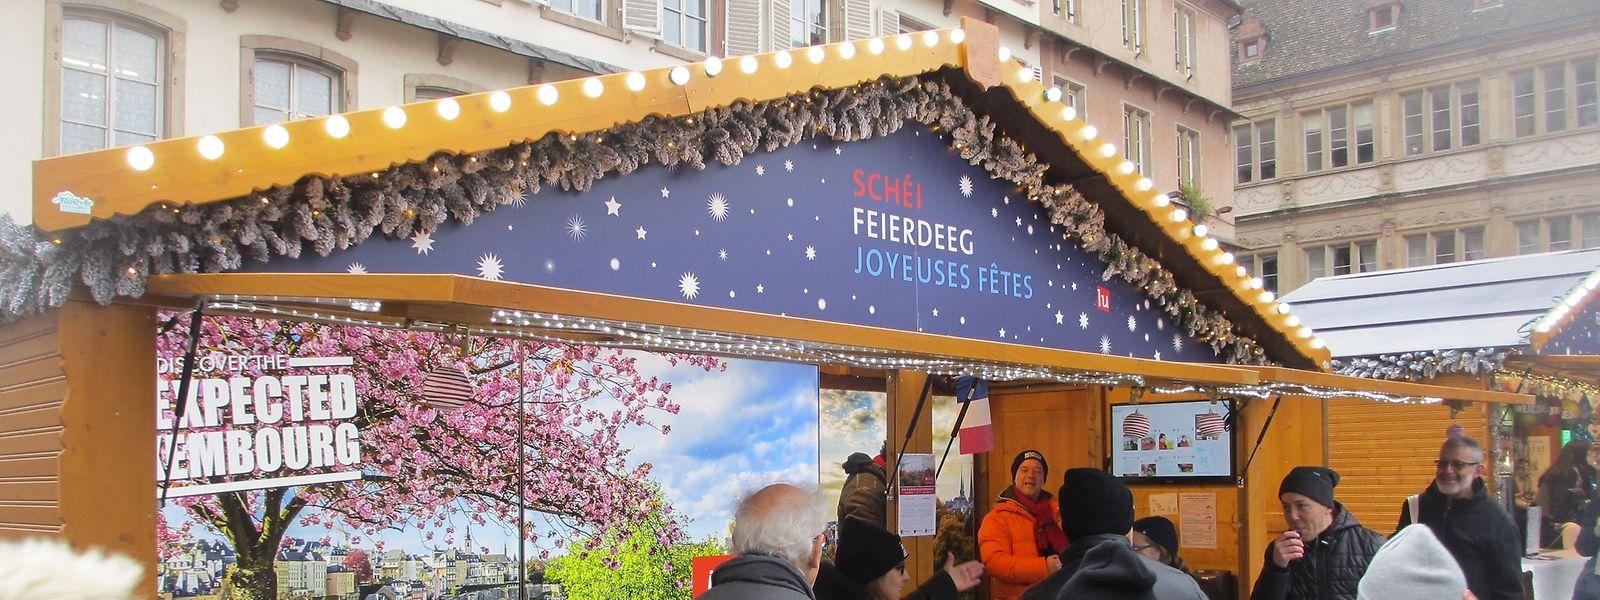 Das Luxemburger Dorf erwartet die Gäste des Straßburger Weihnachtsmarkts als Repräsentation des Landes mit speziell hierfür gefertigten Produkten.